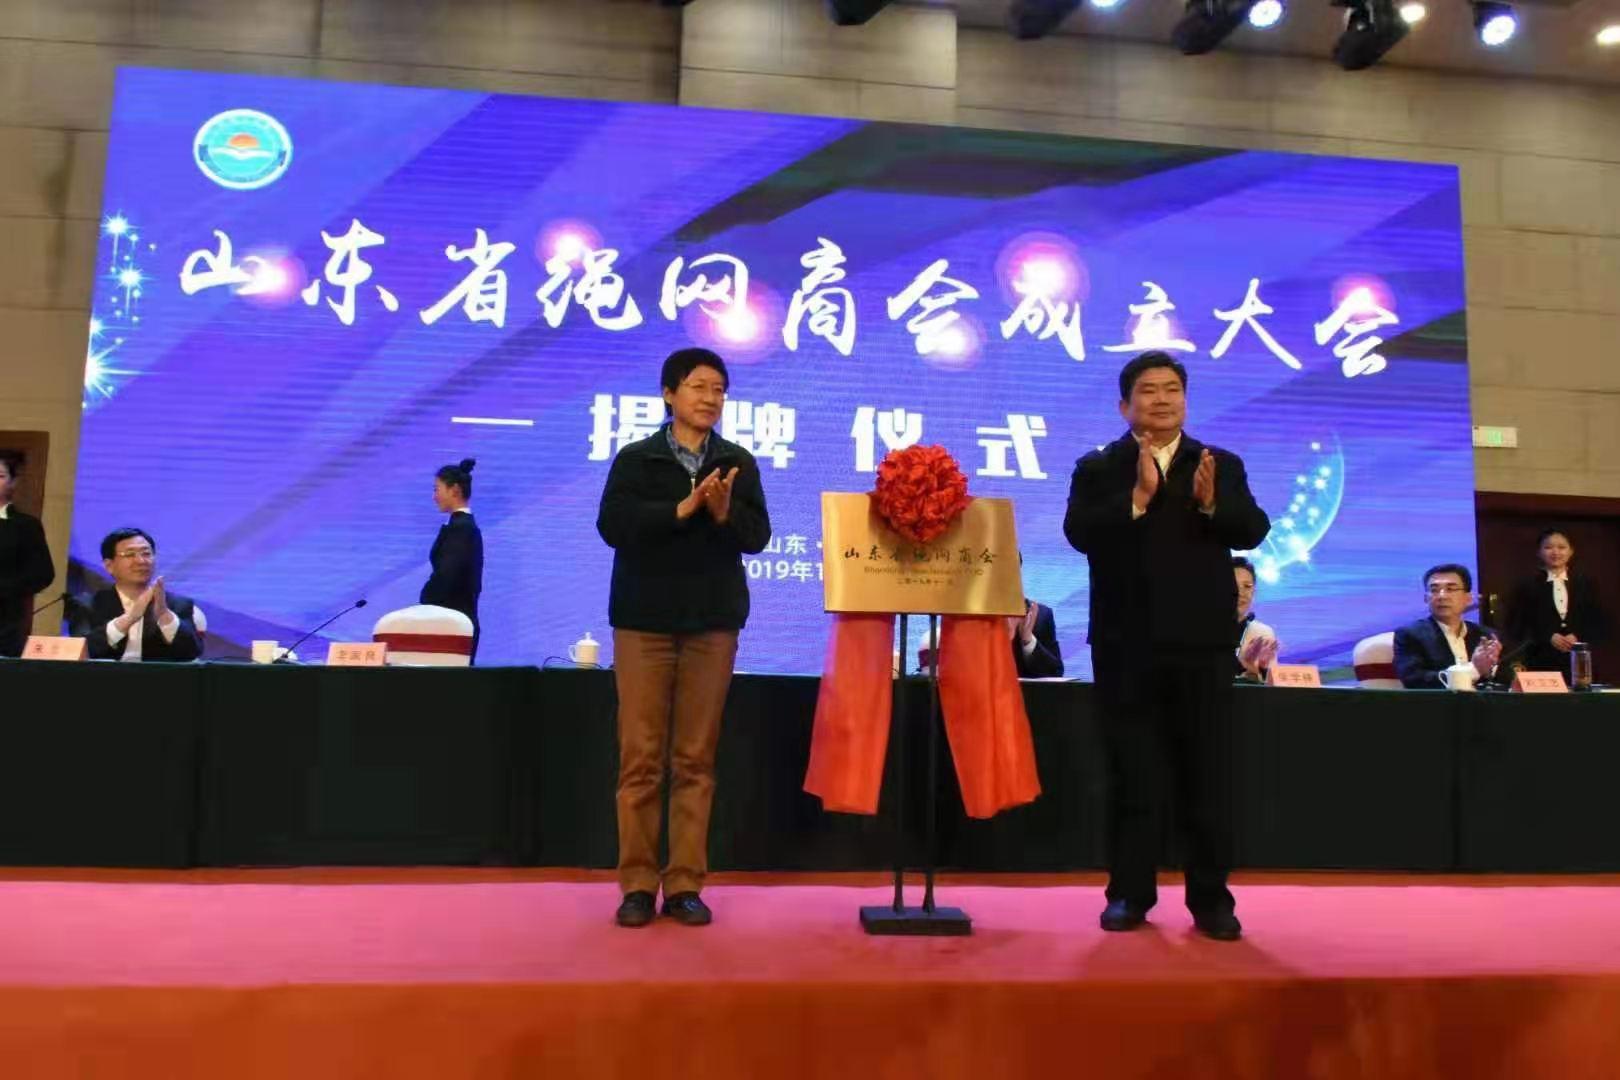 山东省绳网商会成立大会在惠民县召开